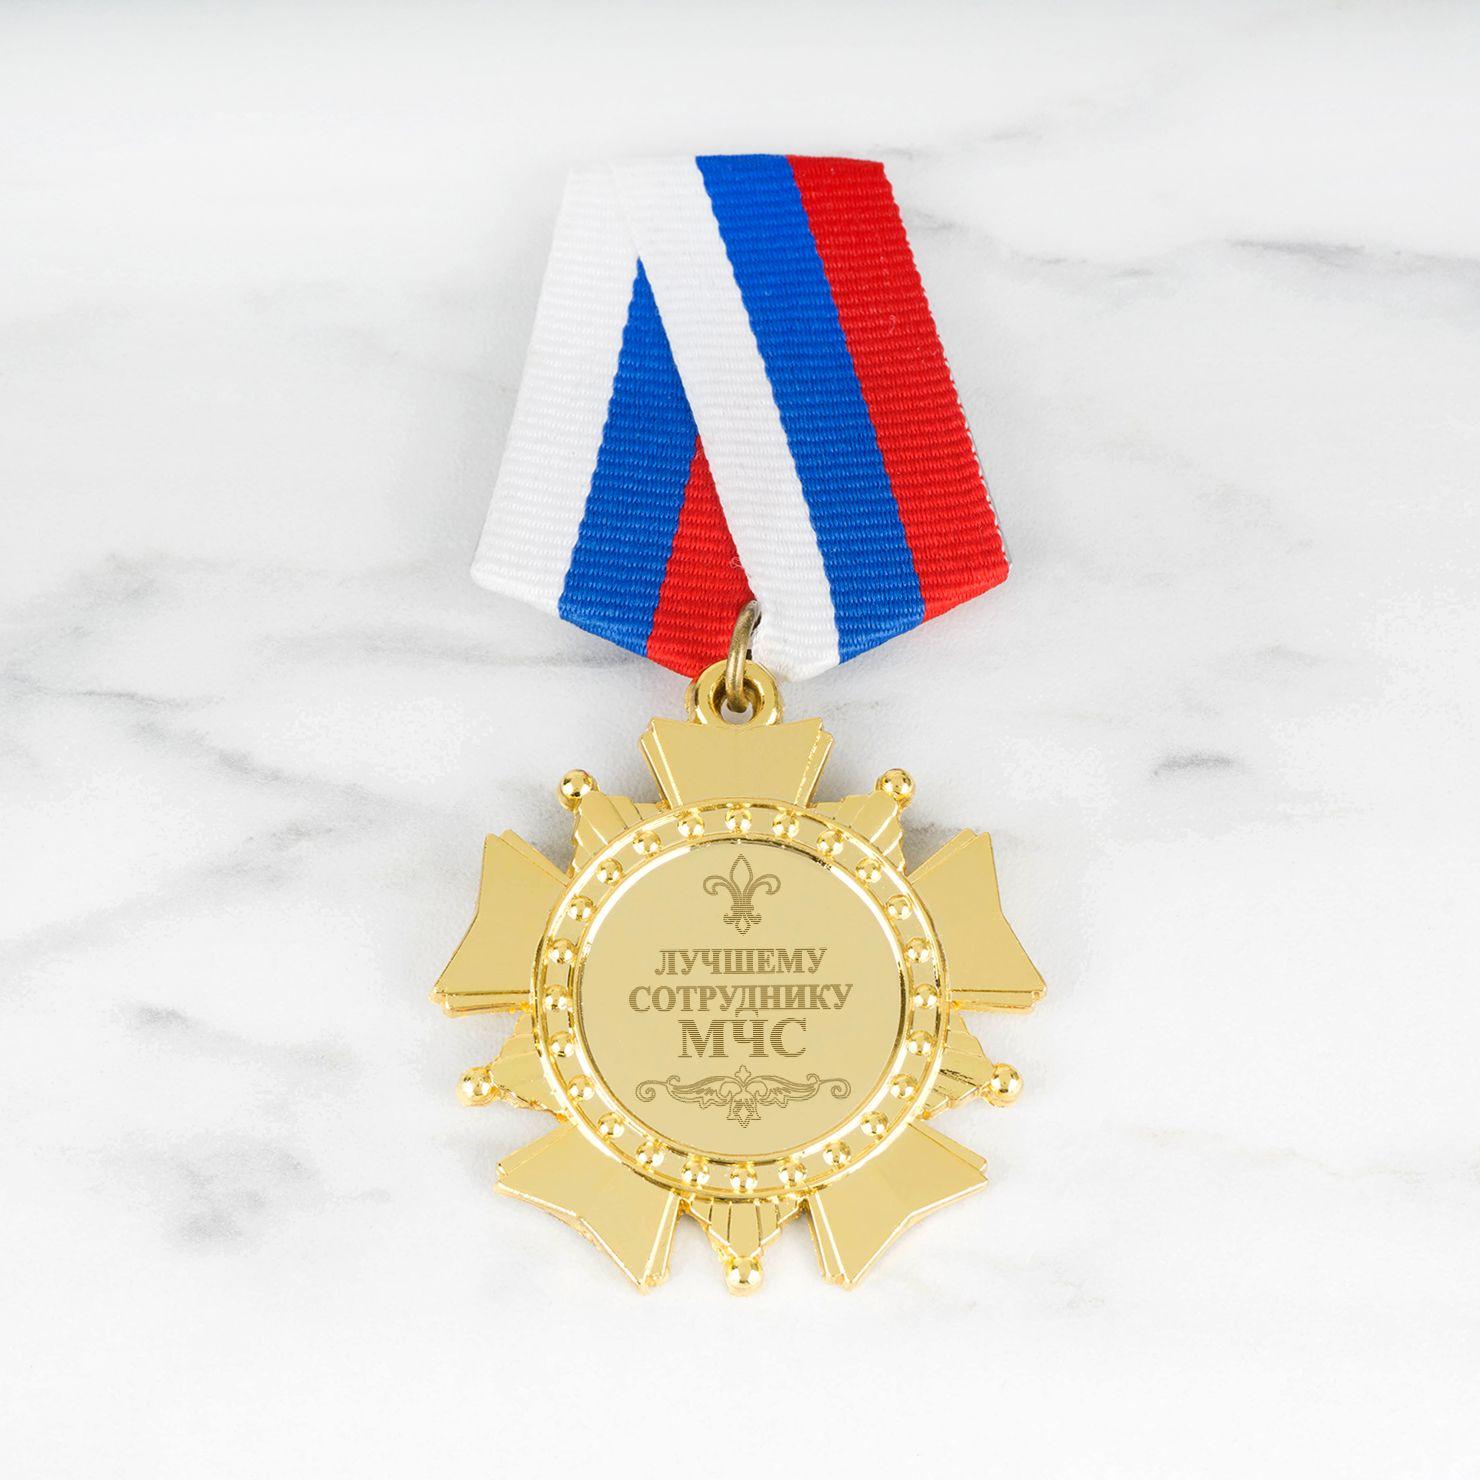 Орден *Лучшему сотруднику МЧС*